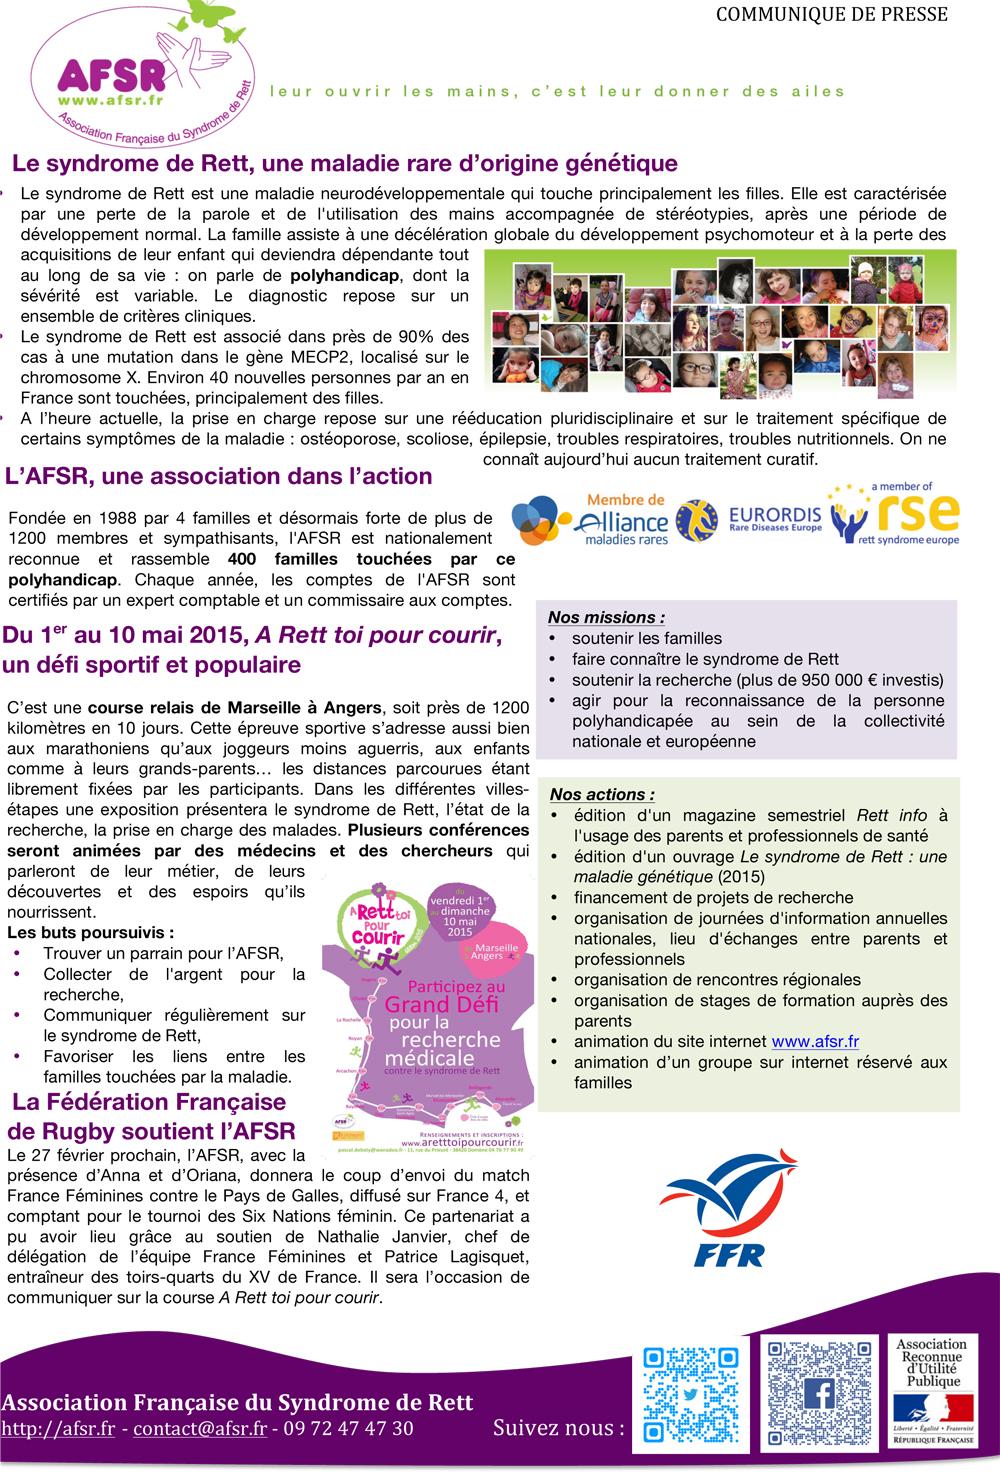 Microsoft Word - CommuniquédepresseATPC.docx